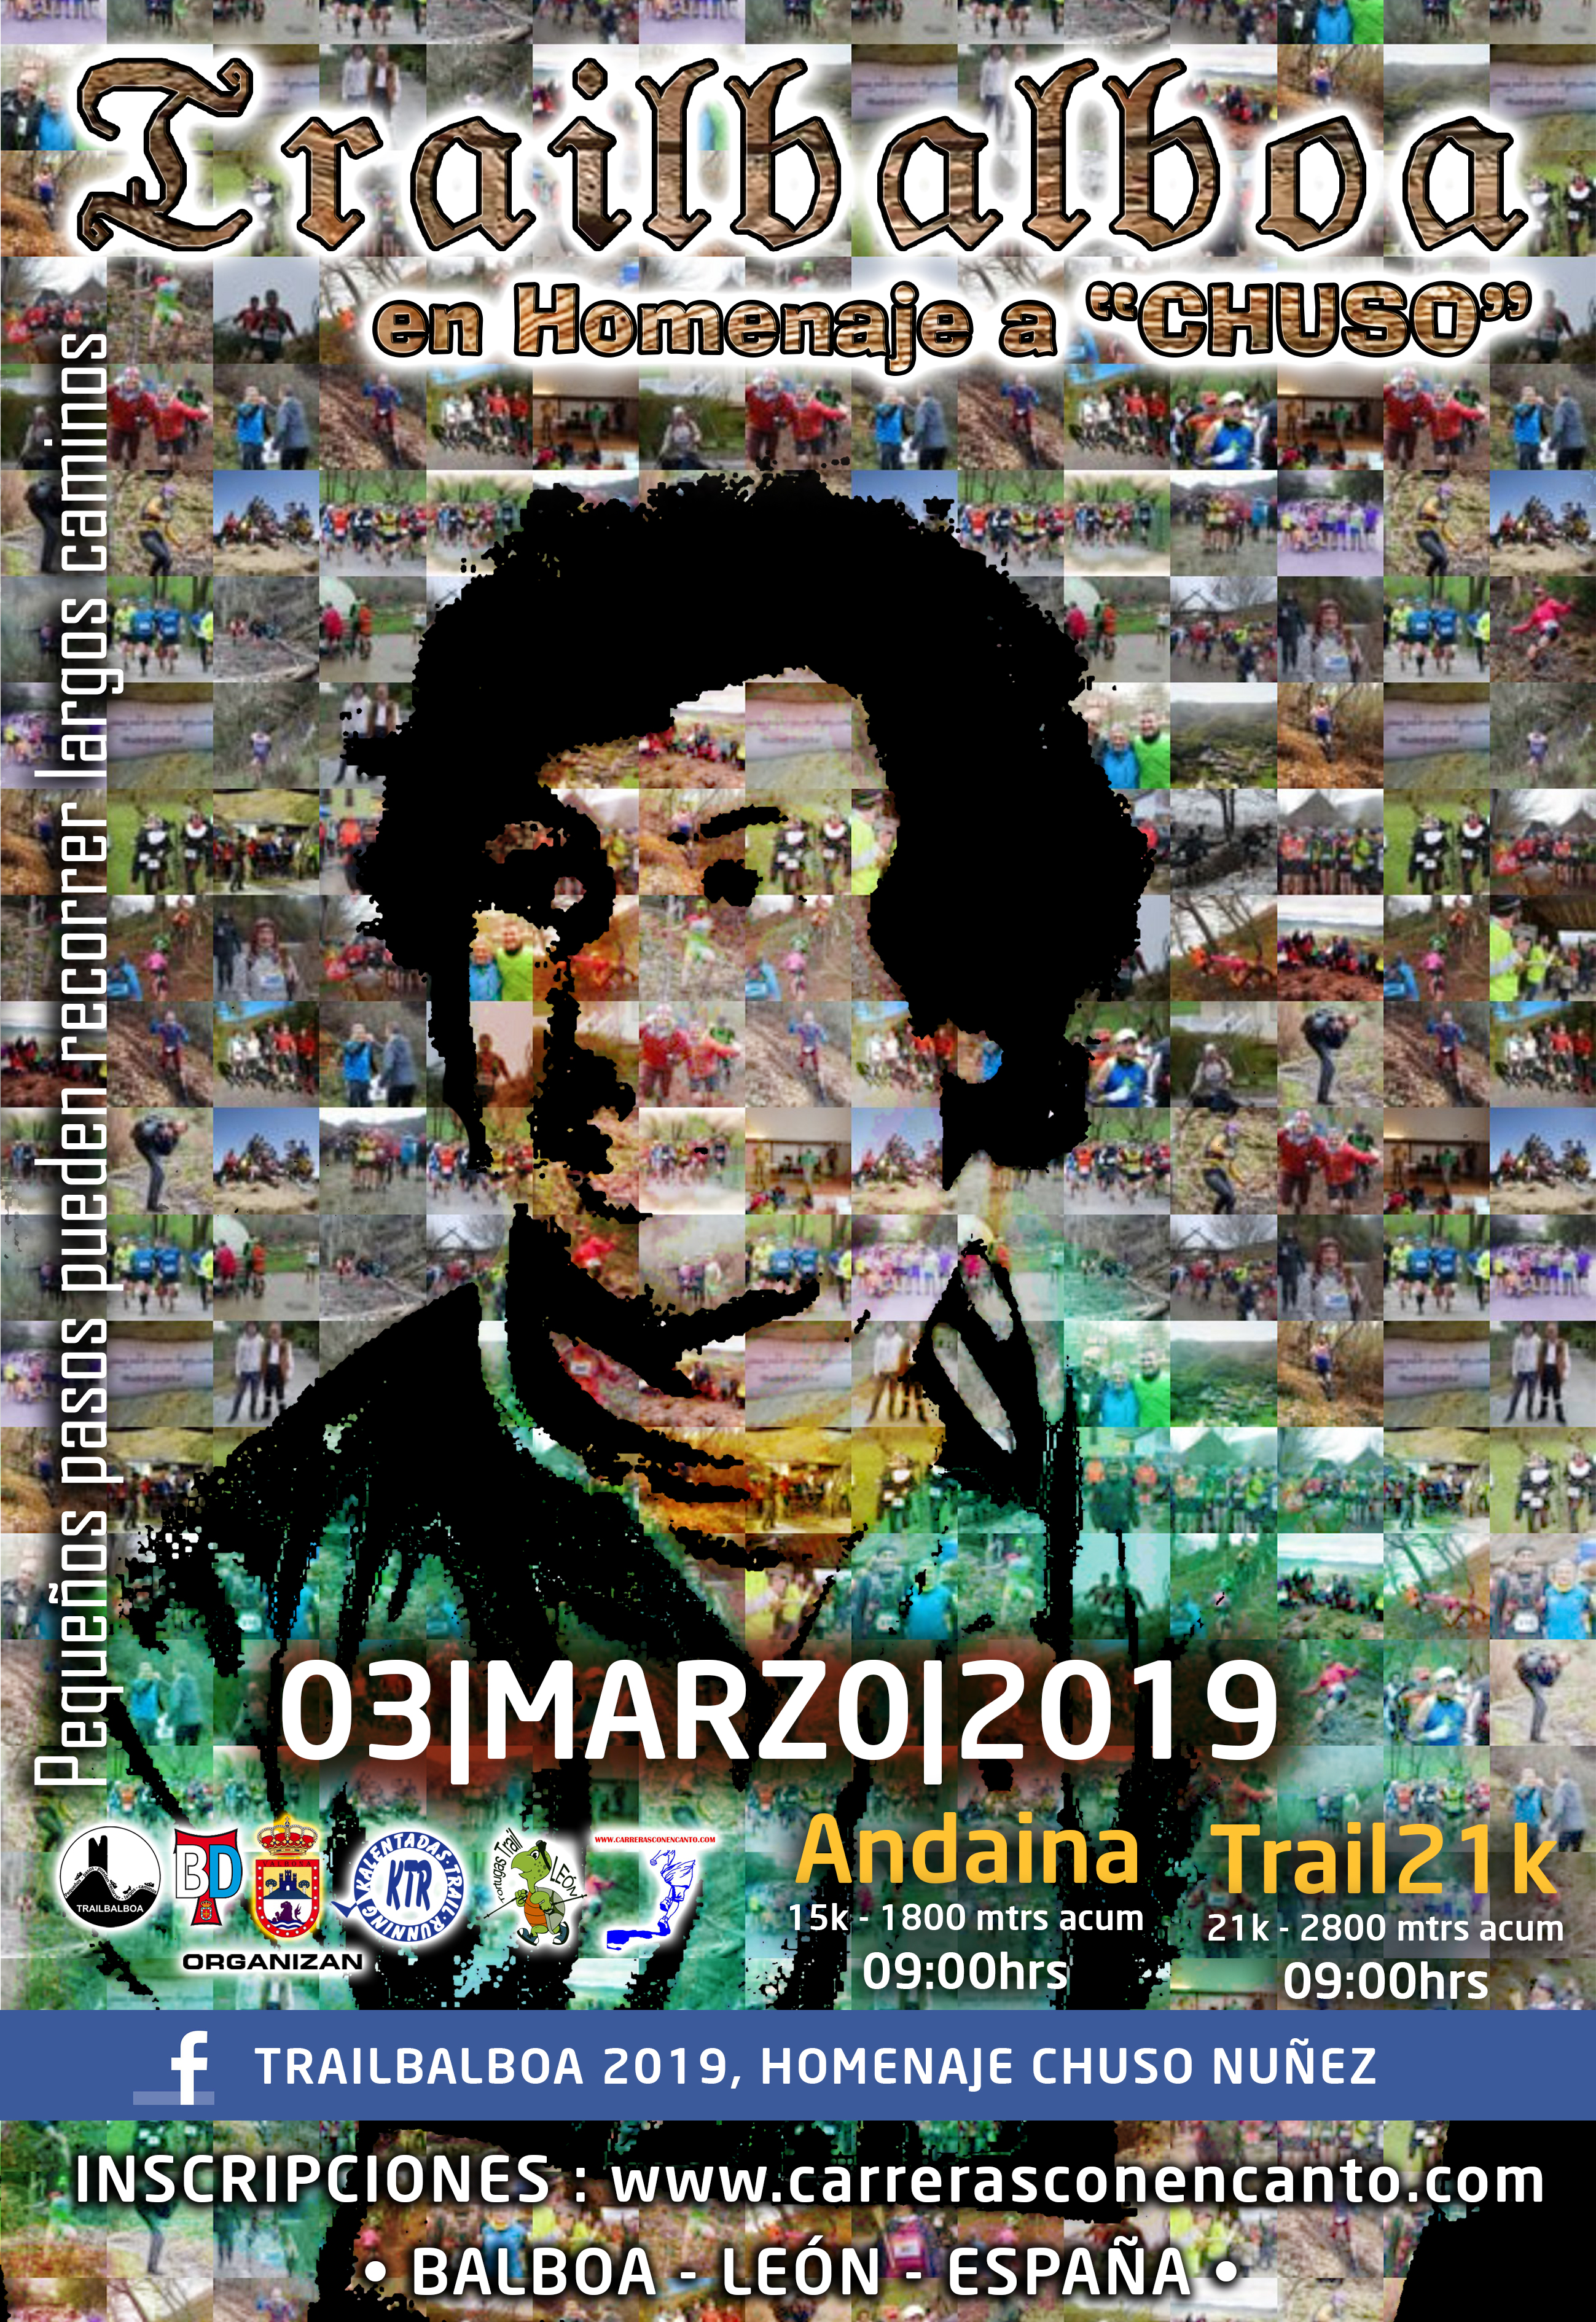 VII Trail Balboa 2019